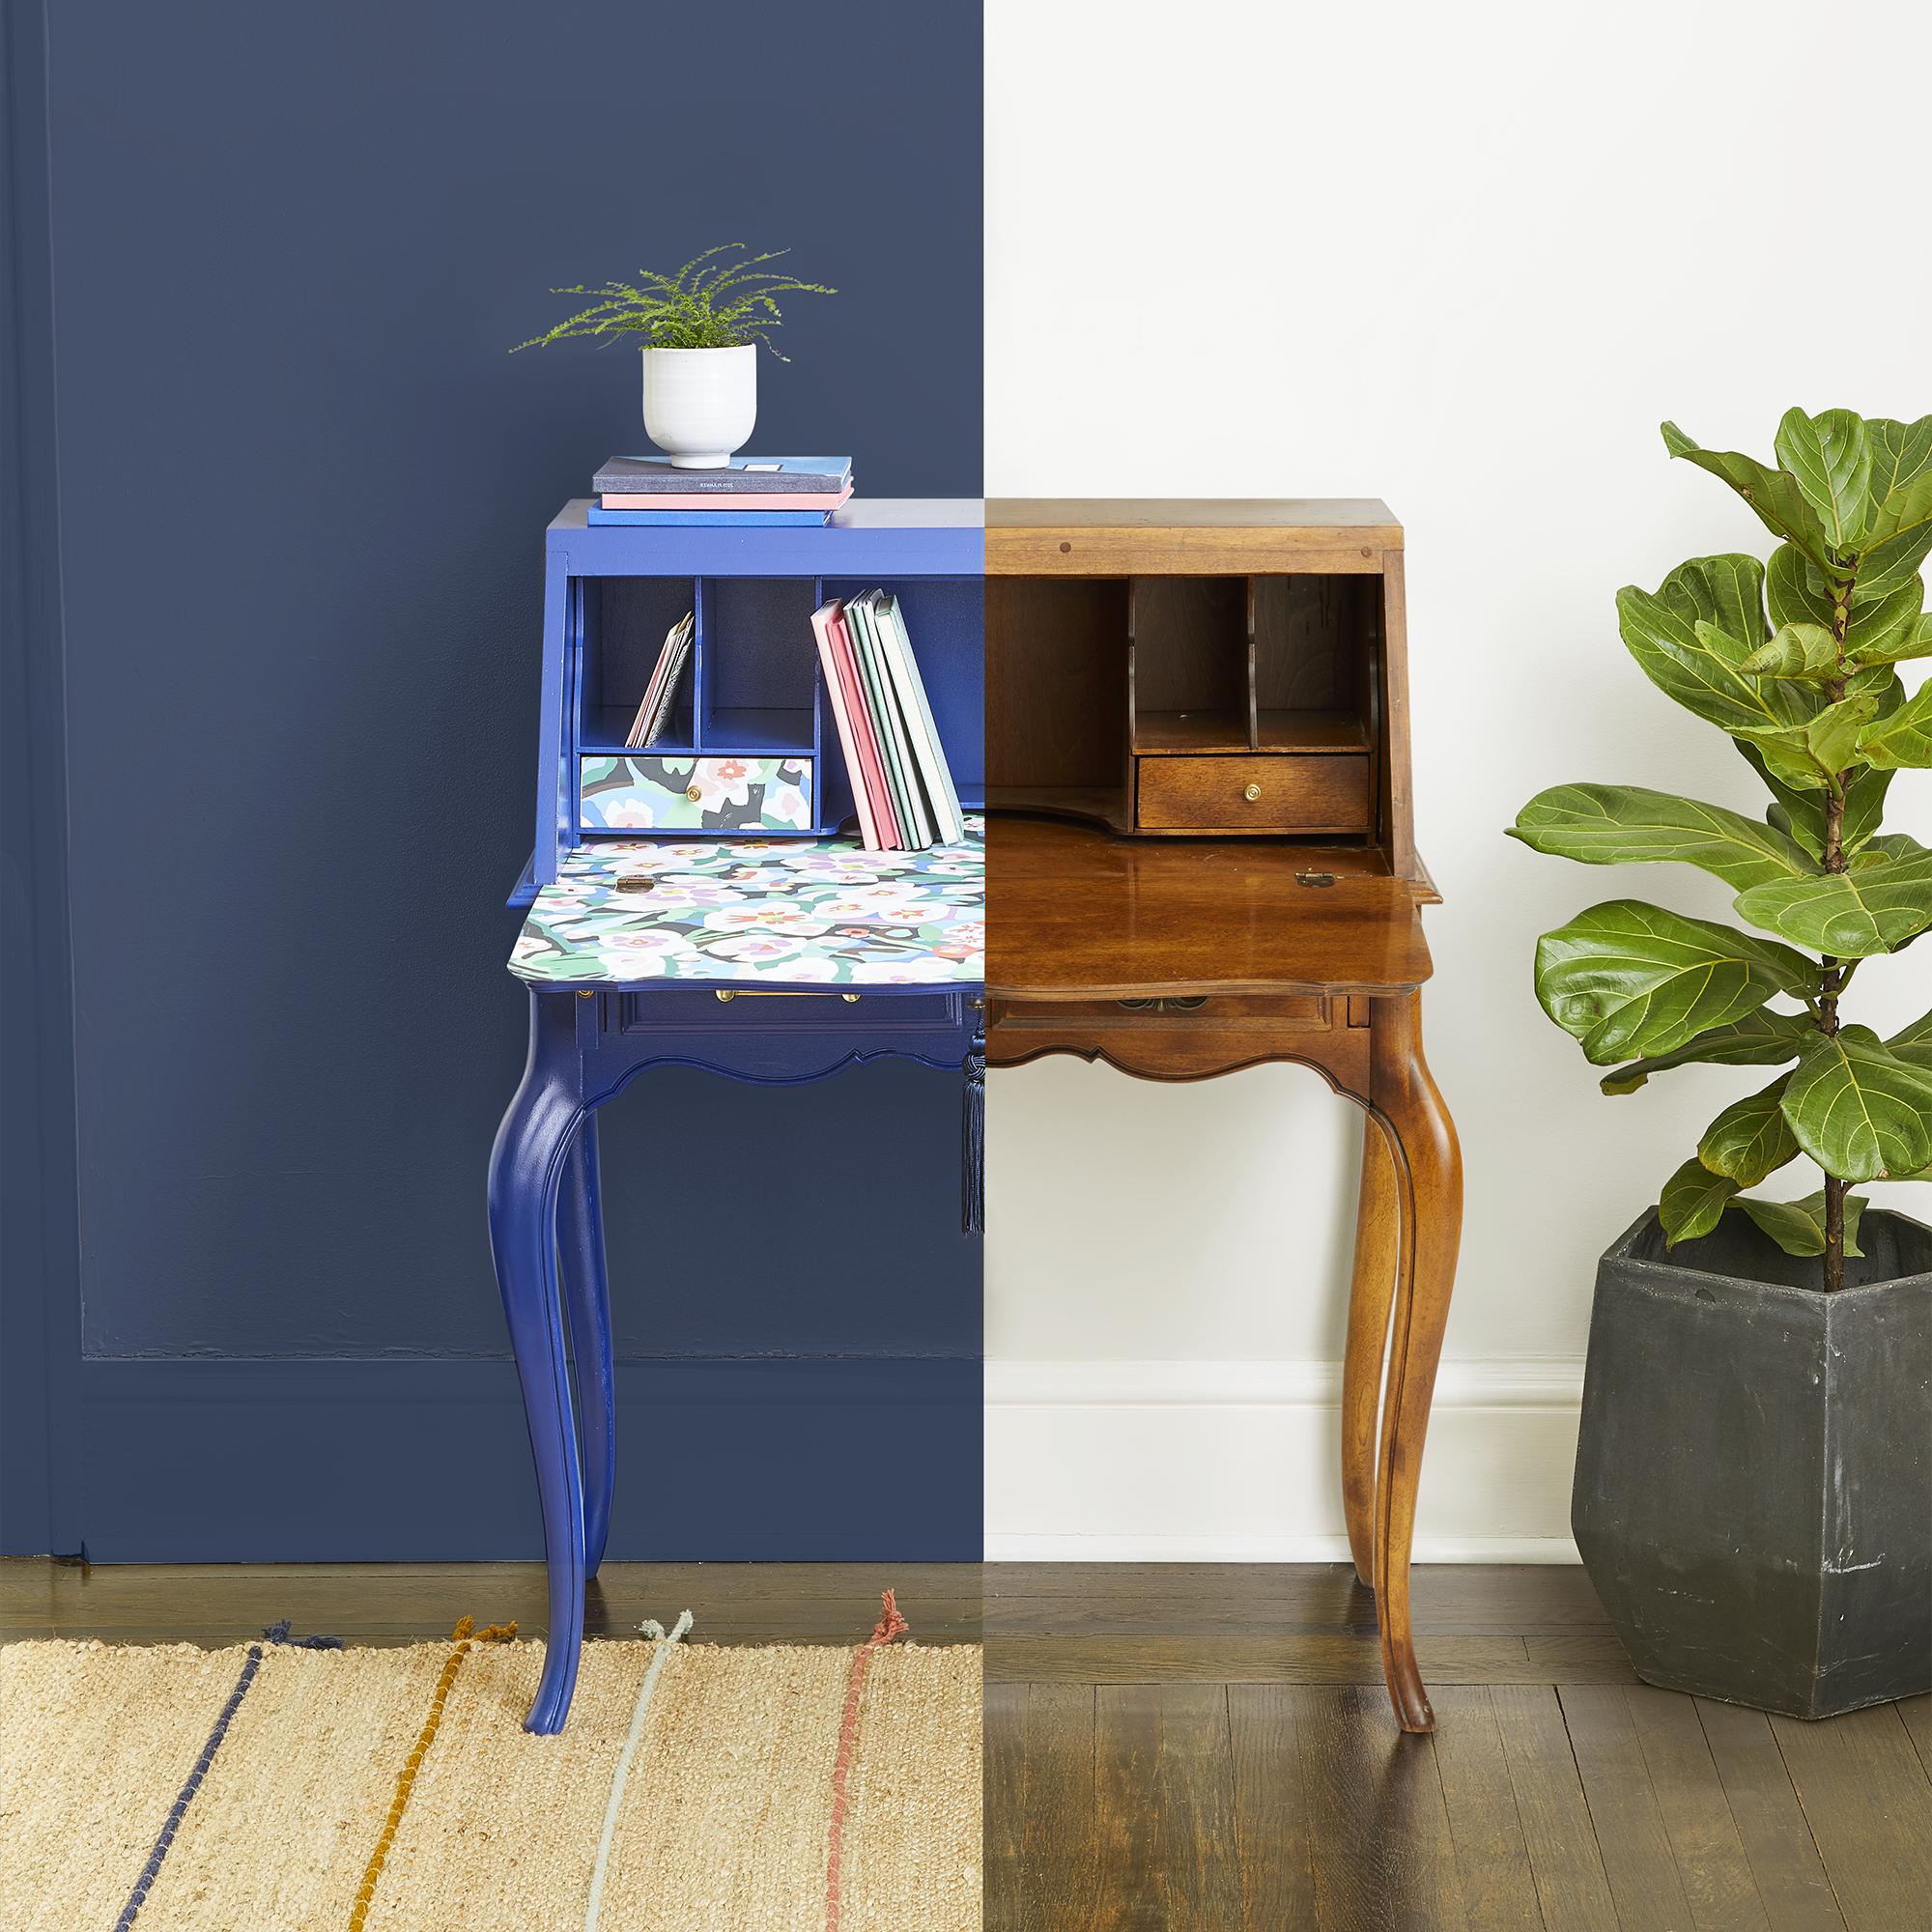 Repeindre un bureau en bois en quelques étapes simples.